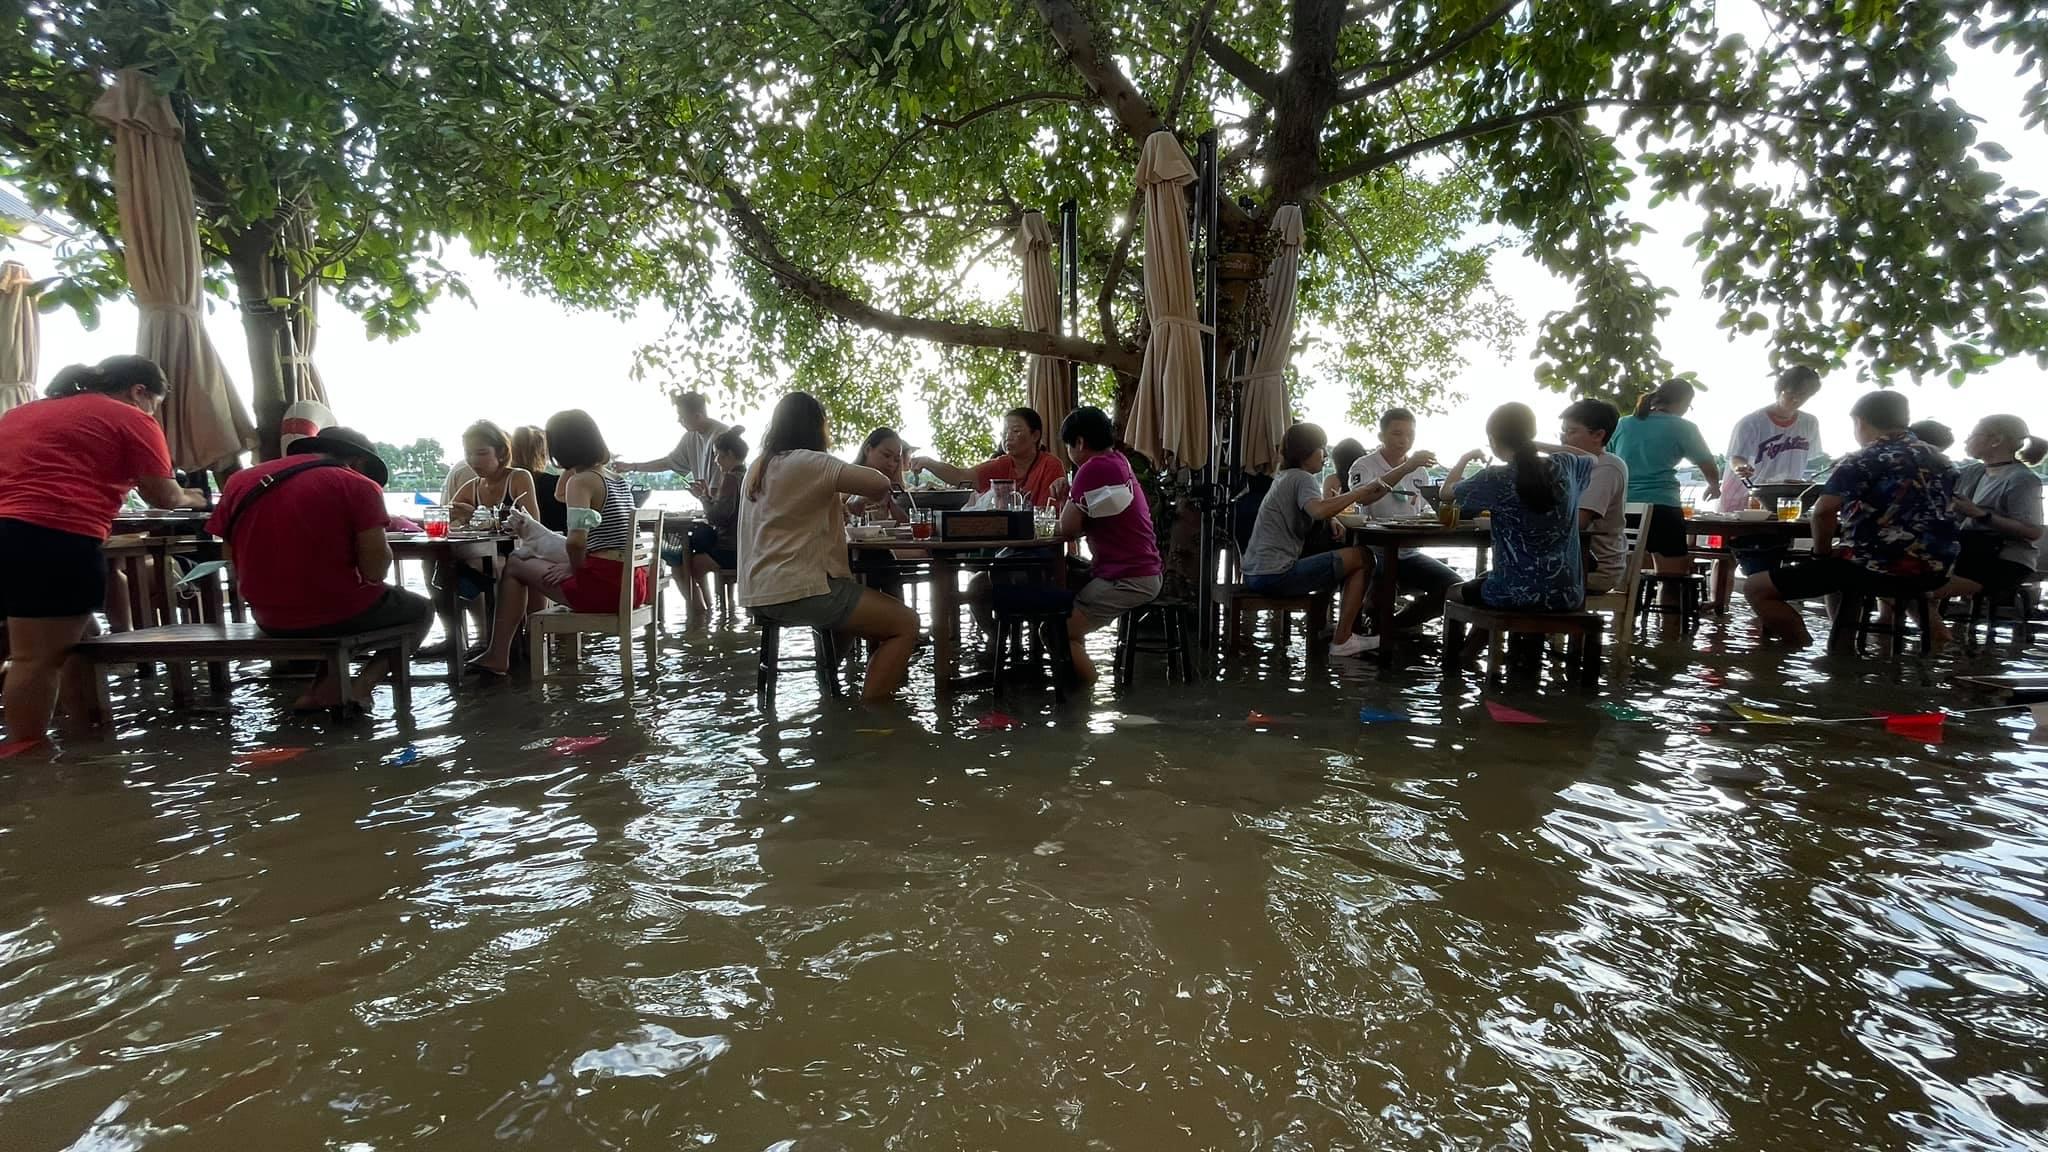 В Таиланде работает ресторан у реки, где гостей затапливает по колено.Вокруг Света. Украина